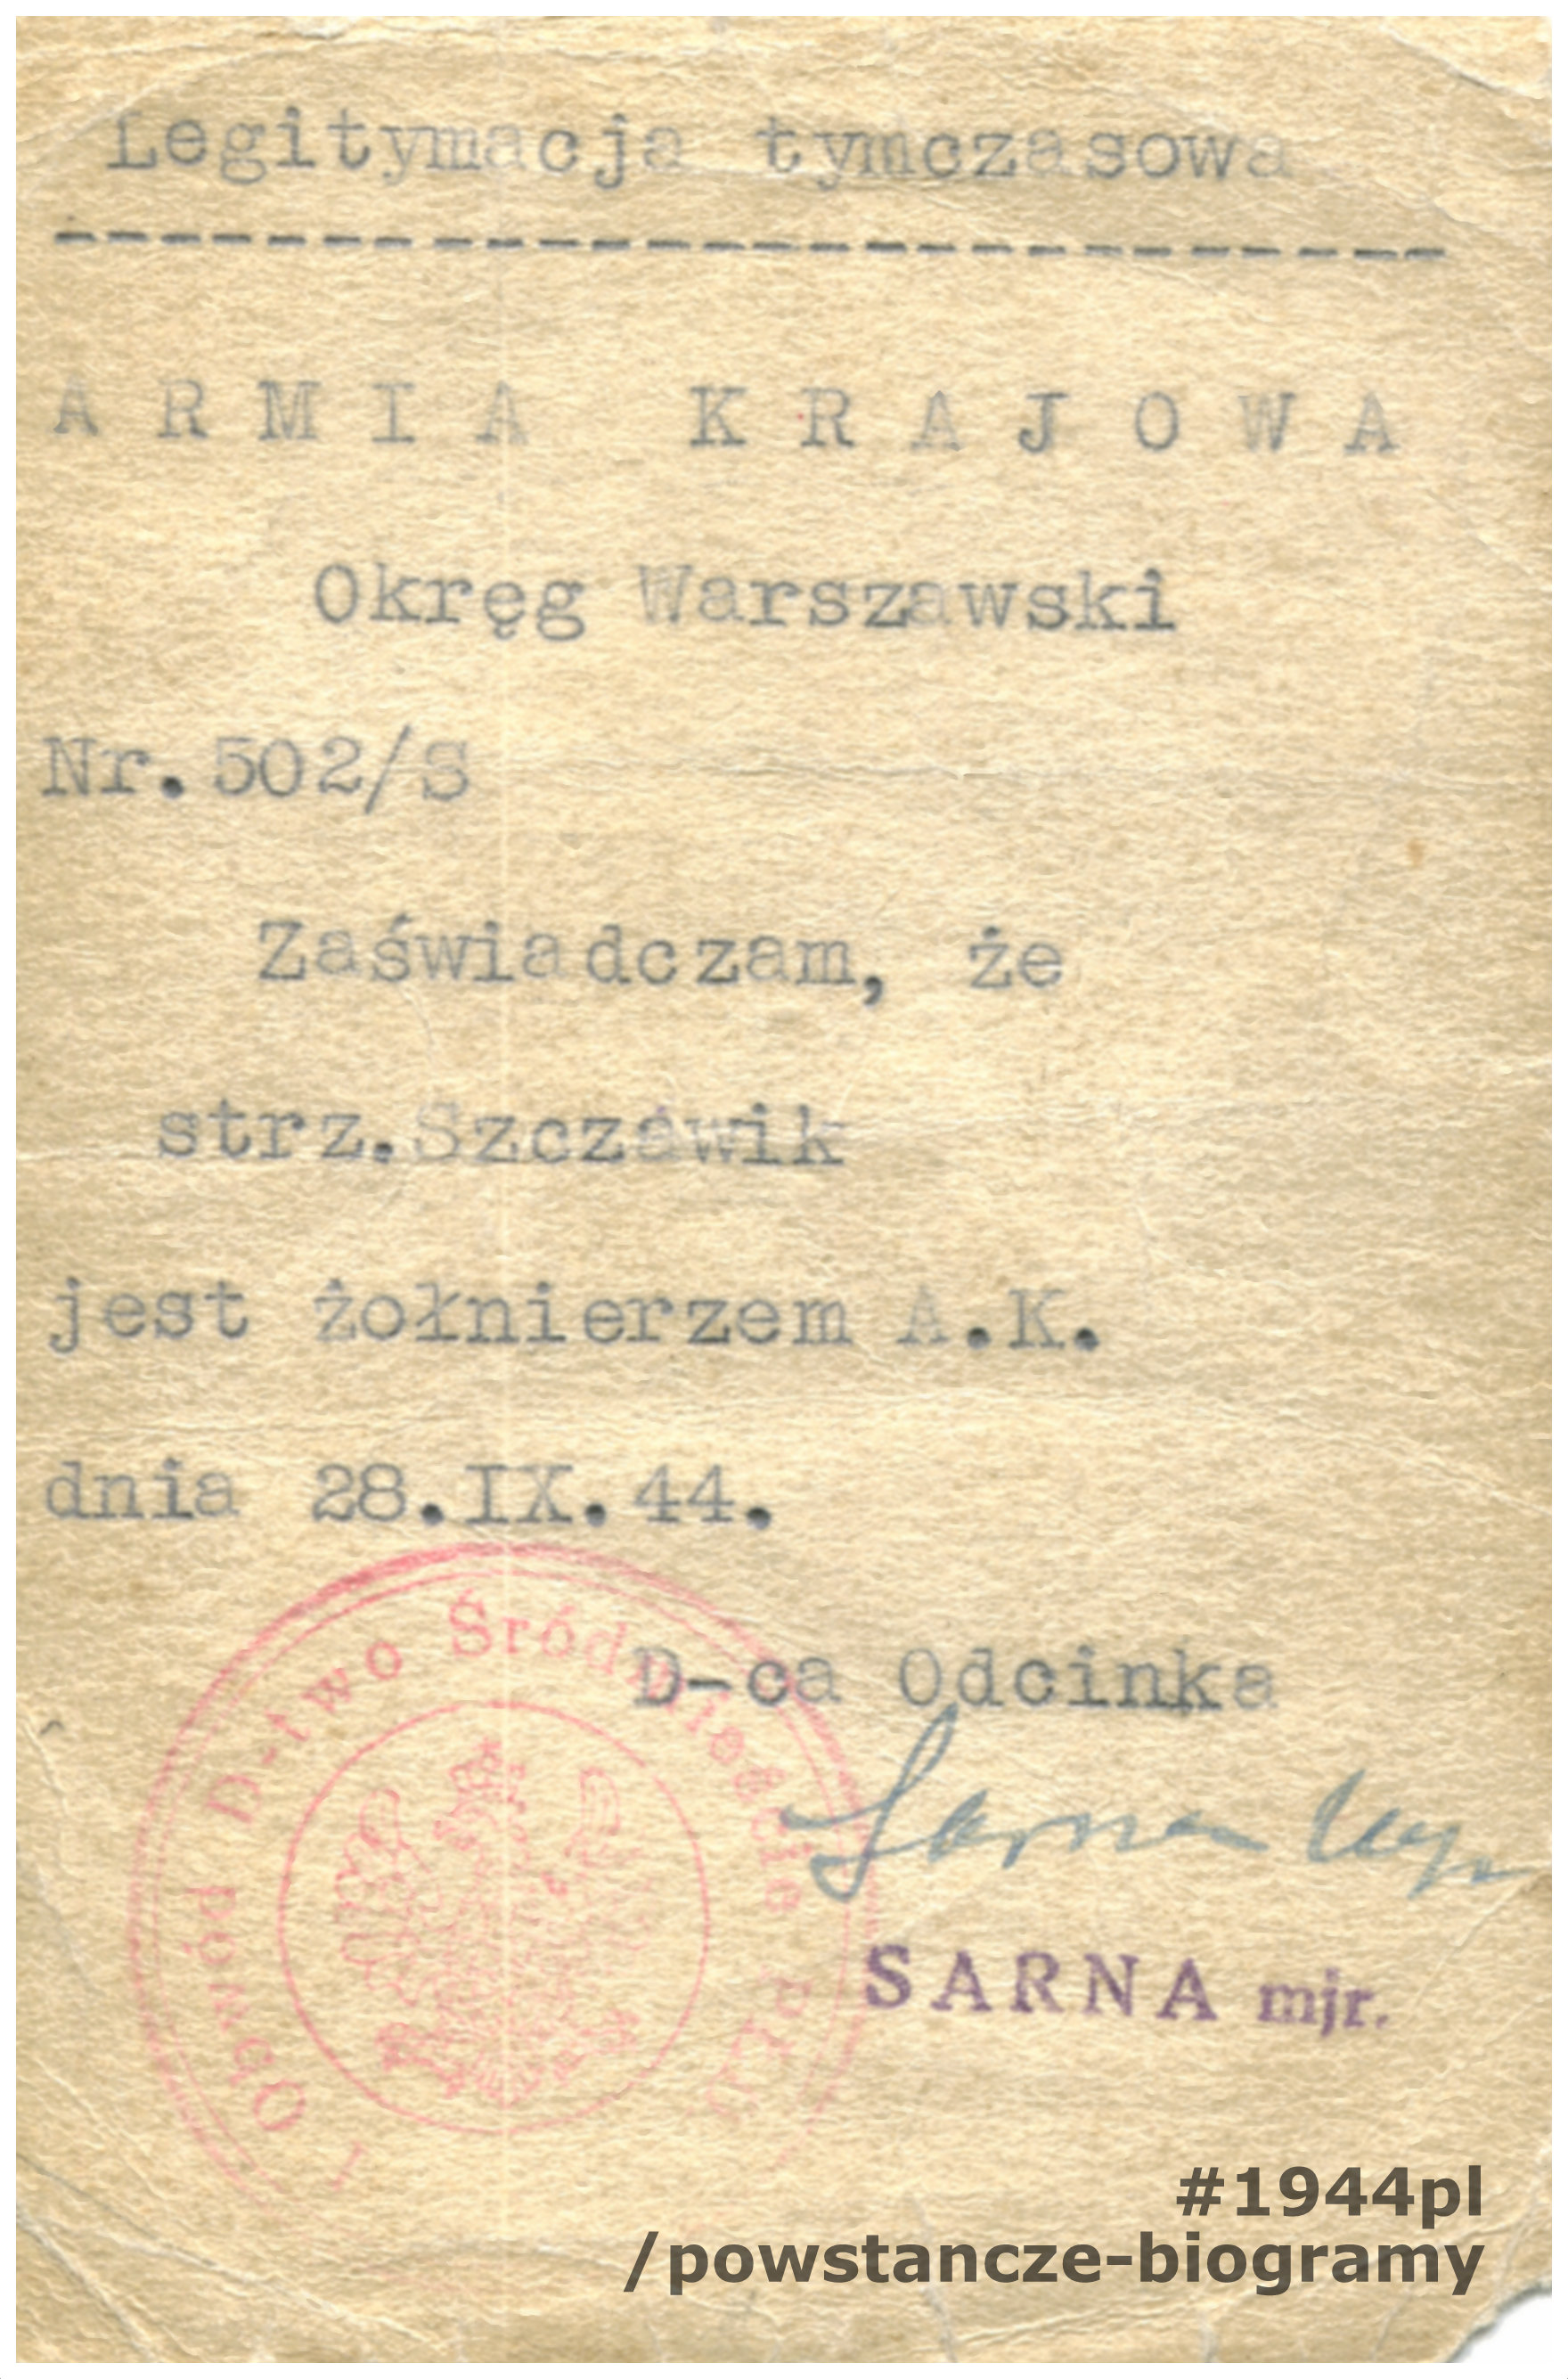 Legitymacja tymczasowa Armii Krajowej Okręg Warszawski nr 502/S informująca, że strz. Szczawik jest żołnierzem AK. Dokument wystawiony 28.09.1944. Na rewersie przydział żołnierza oraz wpis o przyznaniu Krzyża Walecznych i awansie na kaprala. Ze zbiorów Muzeum Powstania Warszawskiego, sygn. MPW-A-3823 (P/4294)